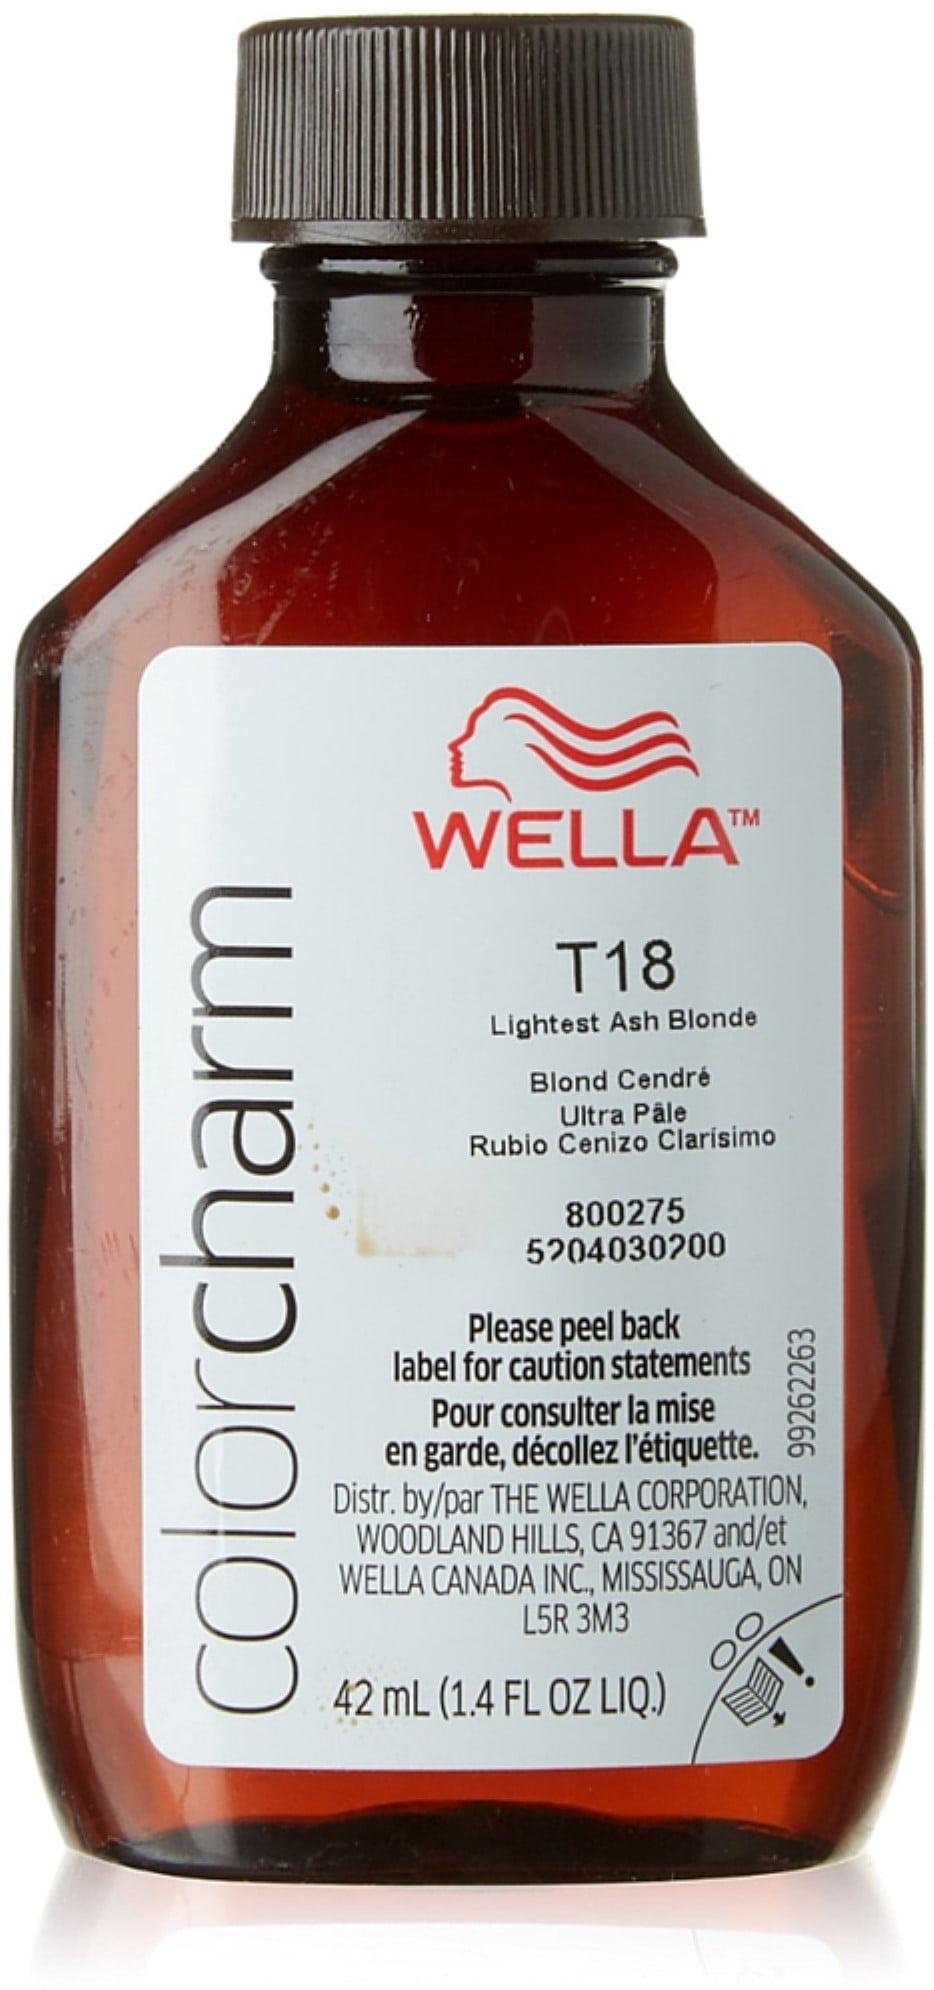 Wella - Wella Color Charm, Hair Color Permanent Liquid Hair Toner, Lightest  Ash Blonde [T18], 1.40 Oz - Walmart.com